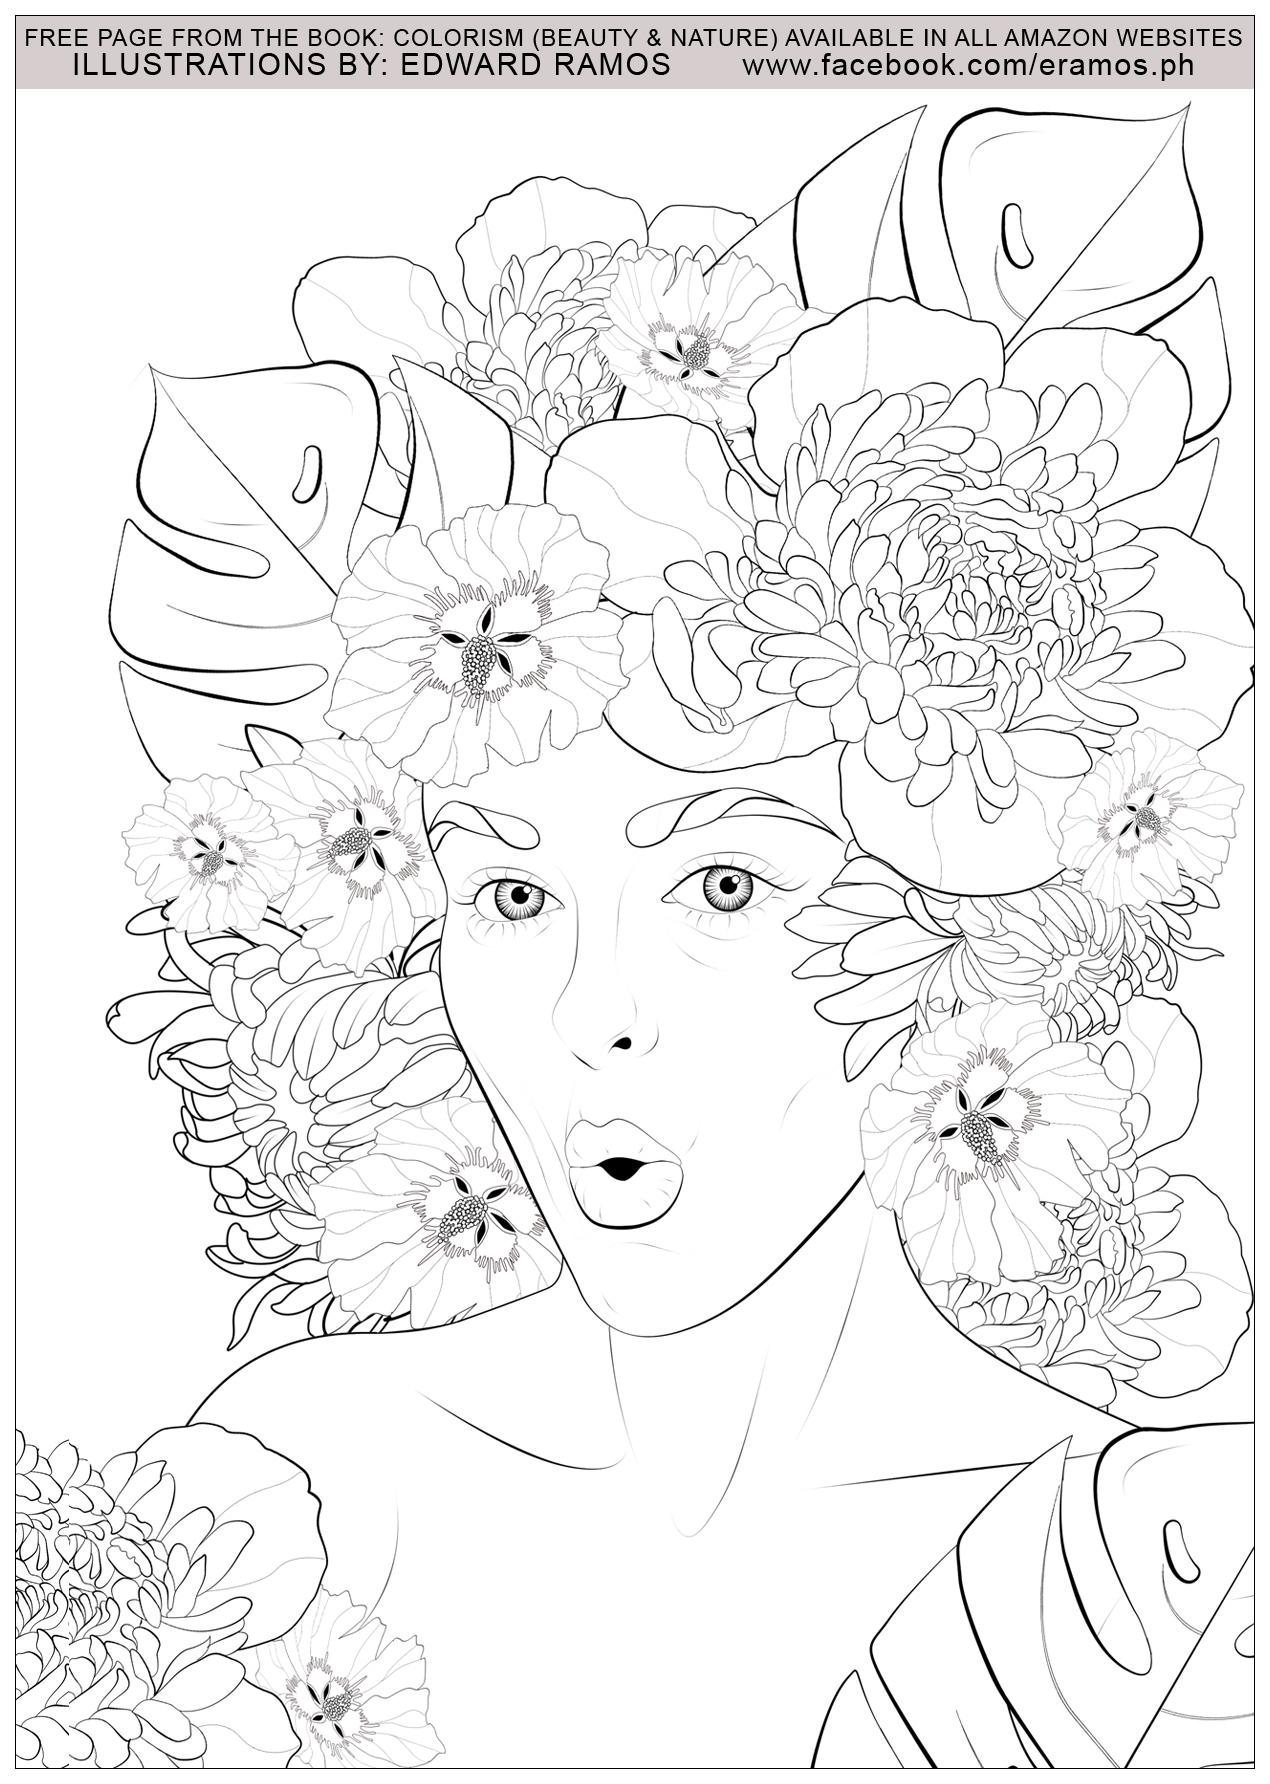 Illustration tirée du livre ' Colorism: Beauty & Nature' d'Edward Ramos - 10